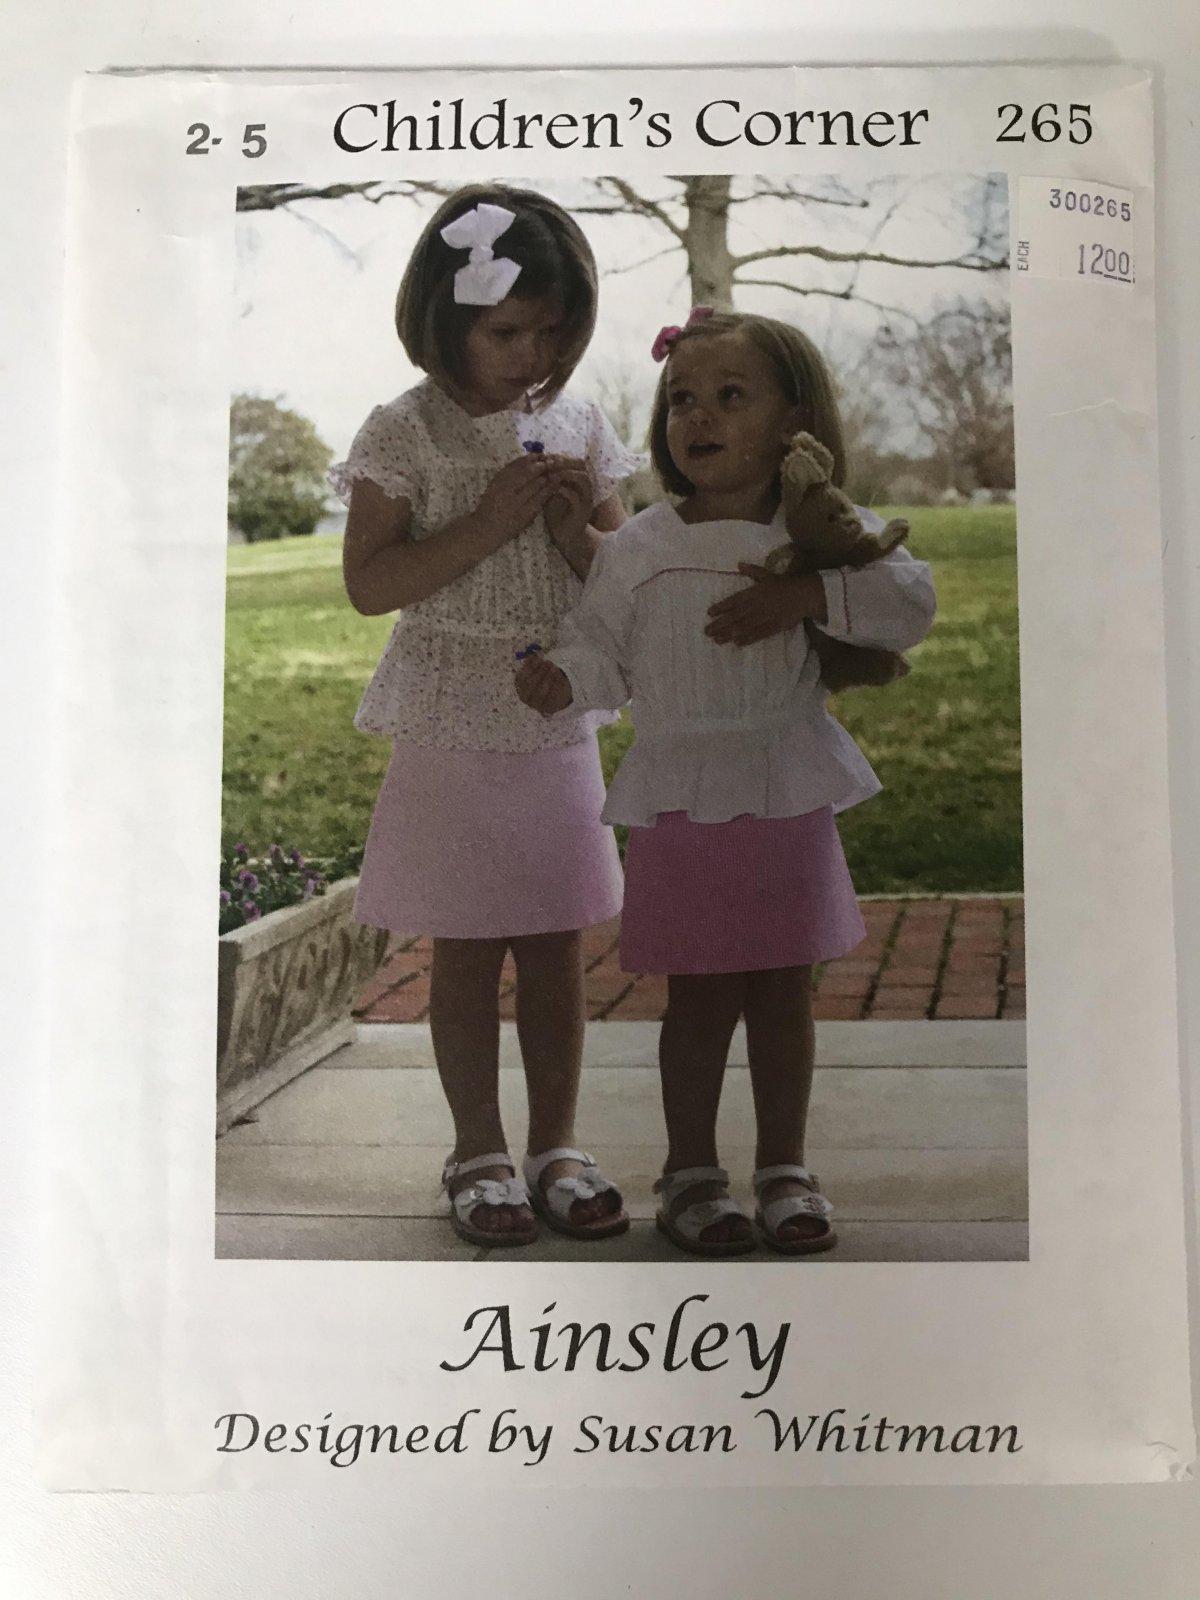 CHILDREN'S CORNER AINSLEY